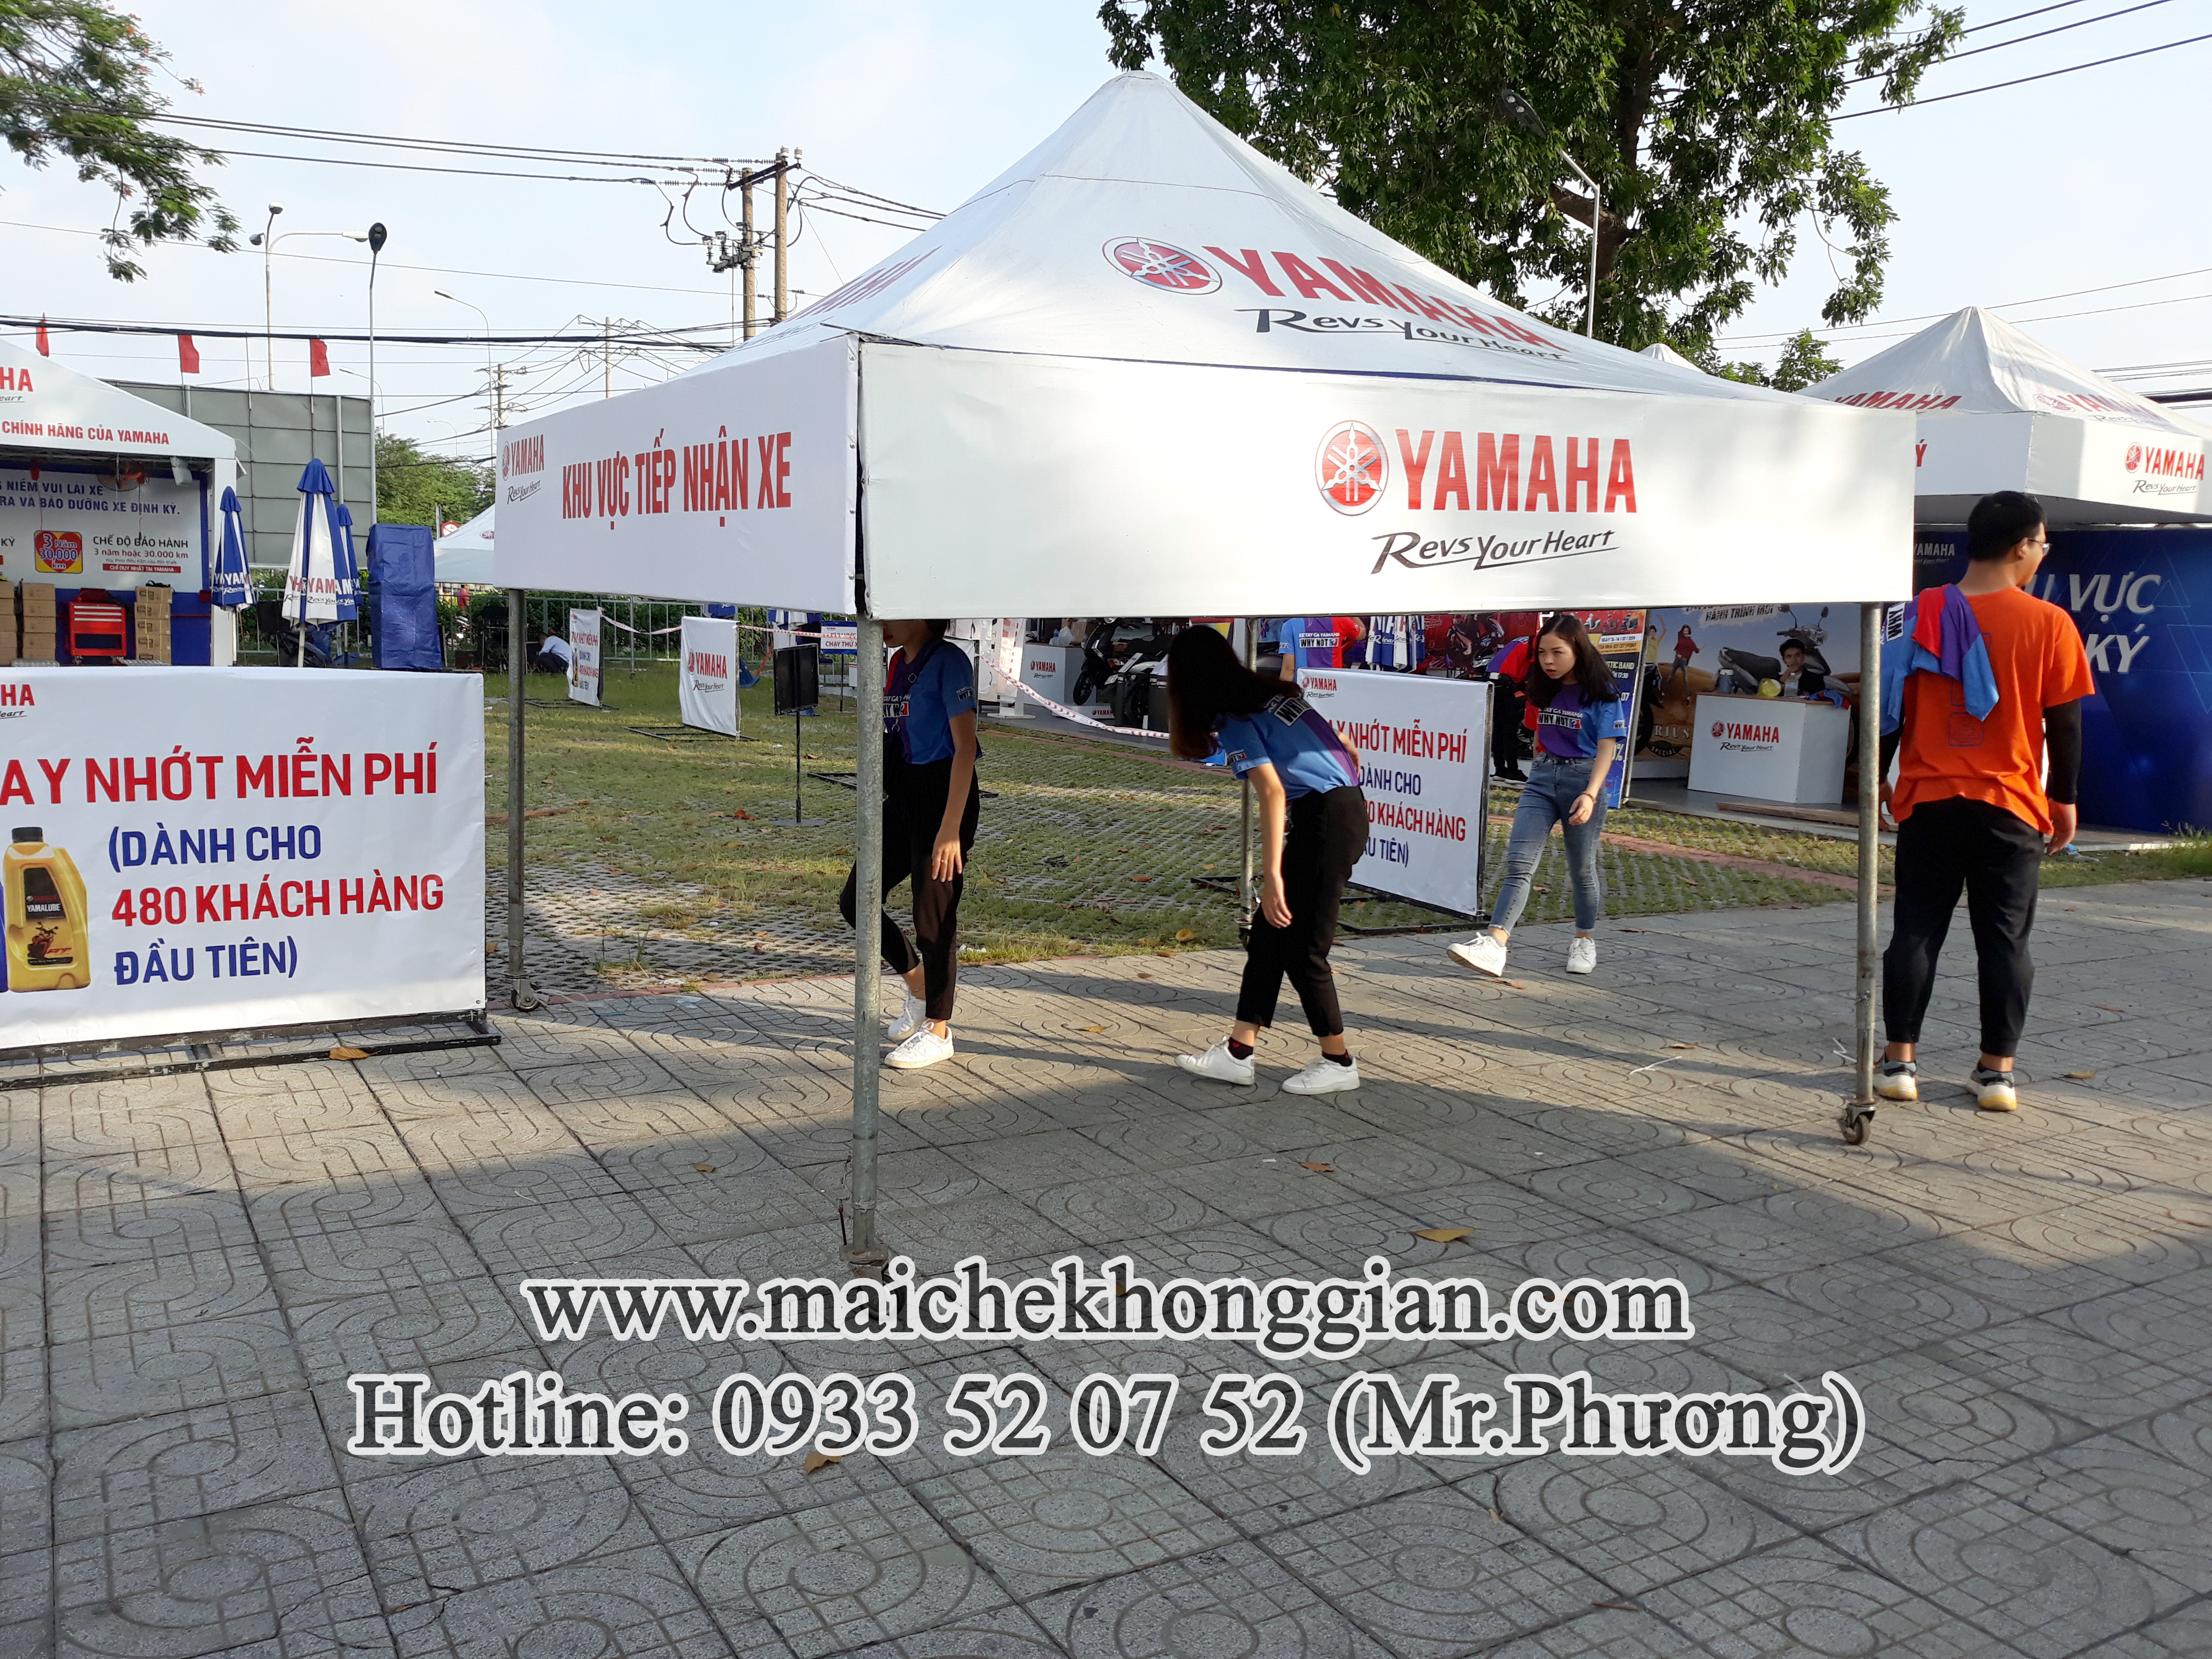 Mái bạt di động Chợ Gạo Tiền Giang